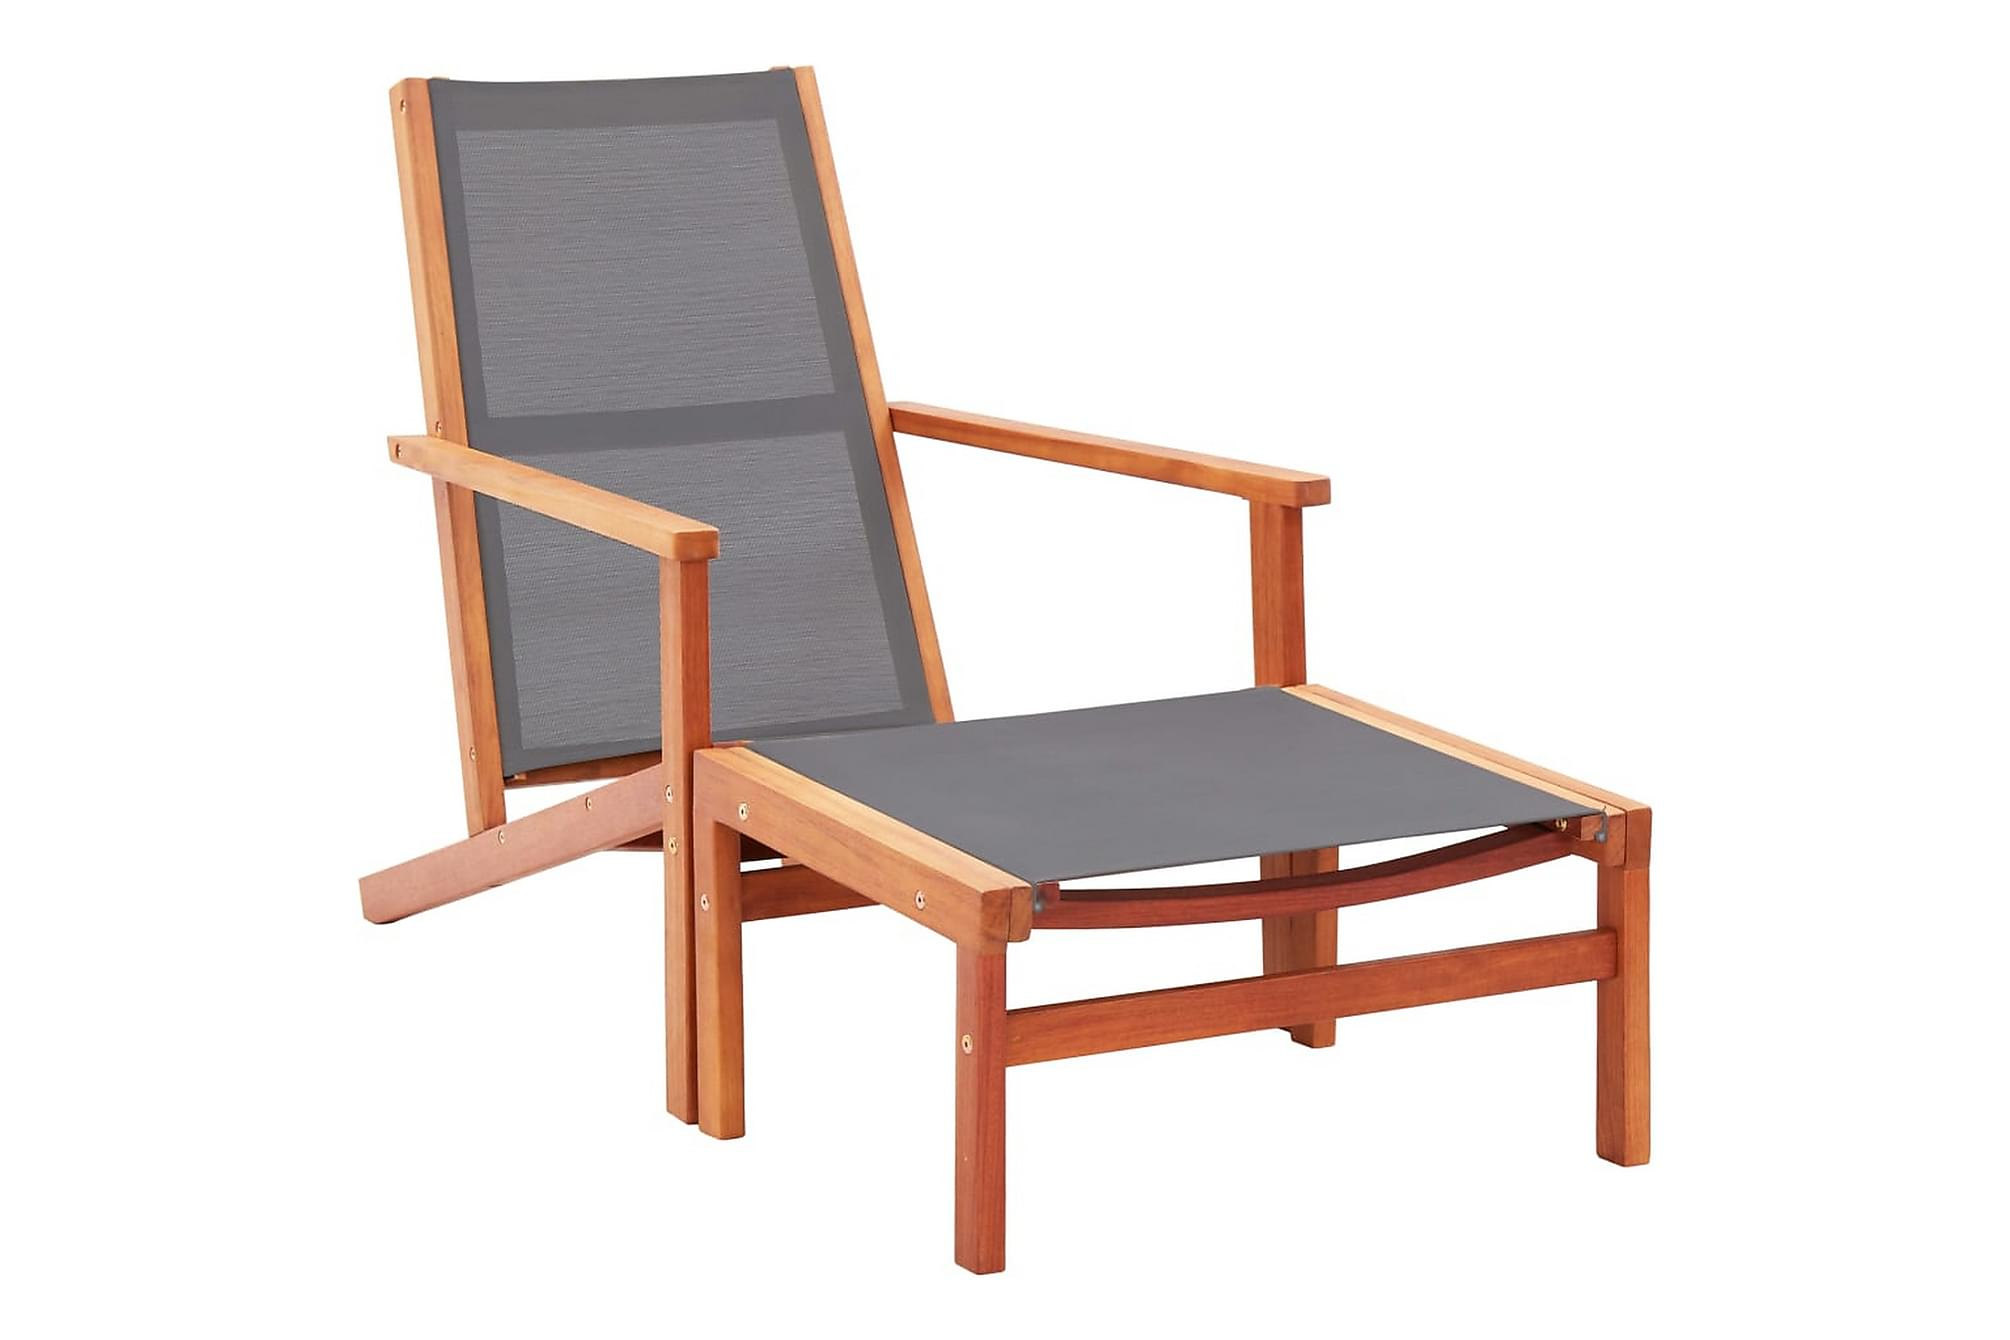 Trädgårdsstol med fotpall massivt eukalyptusträ & textilene, Positionsstol